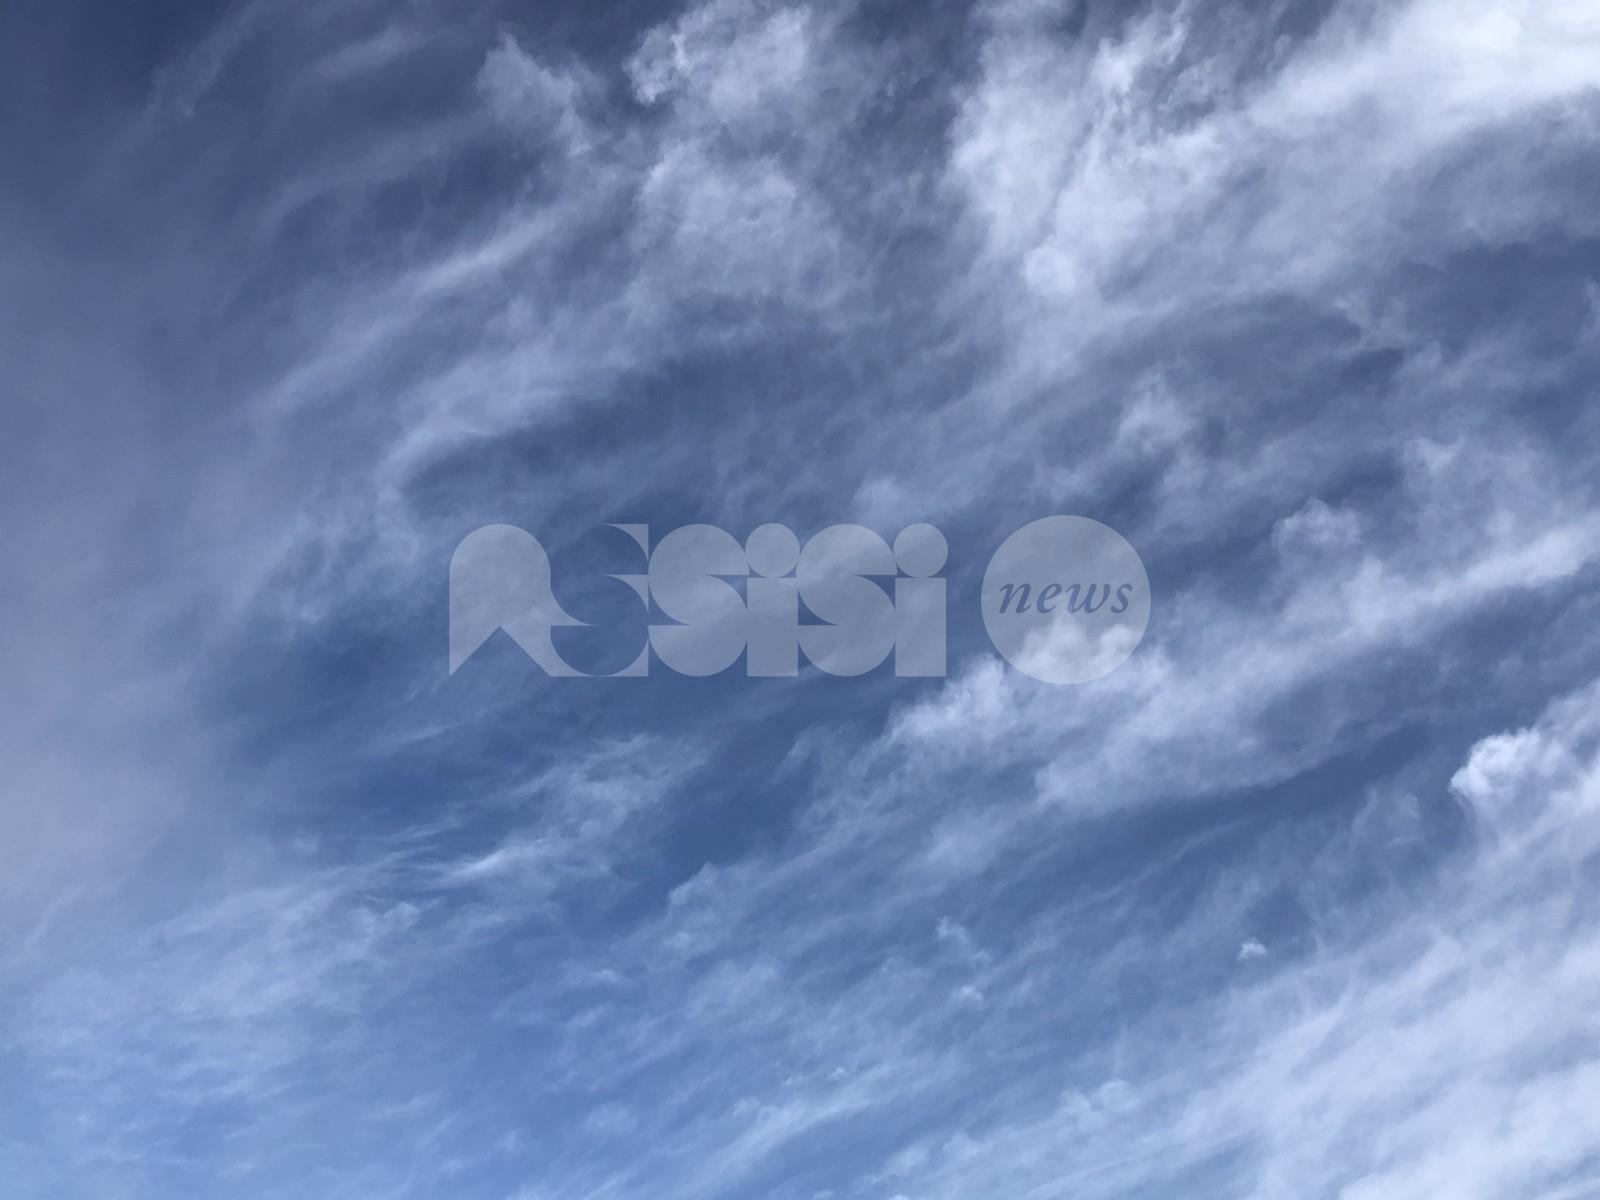 Meteo Assisi 30 aprile - 2 maggio 2021: sole misto a nubi, temperature in aumento